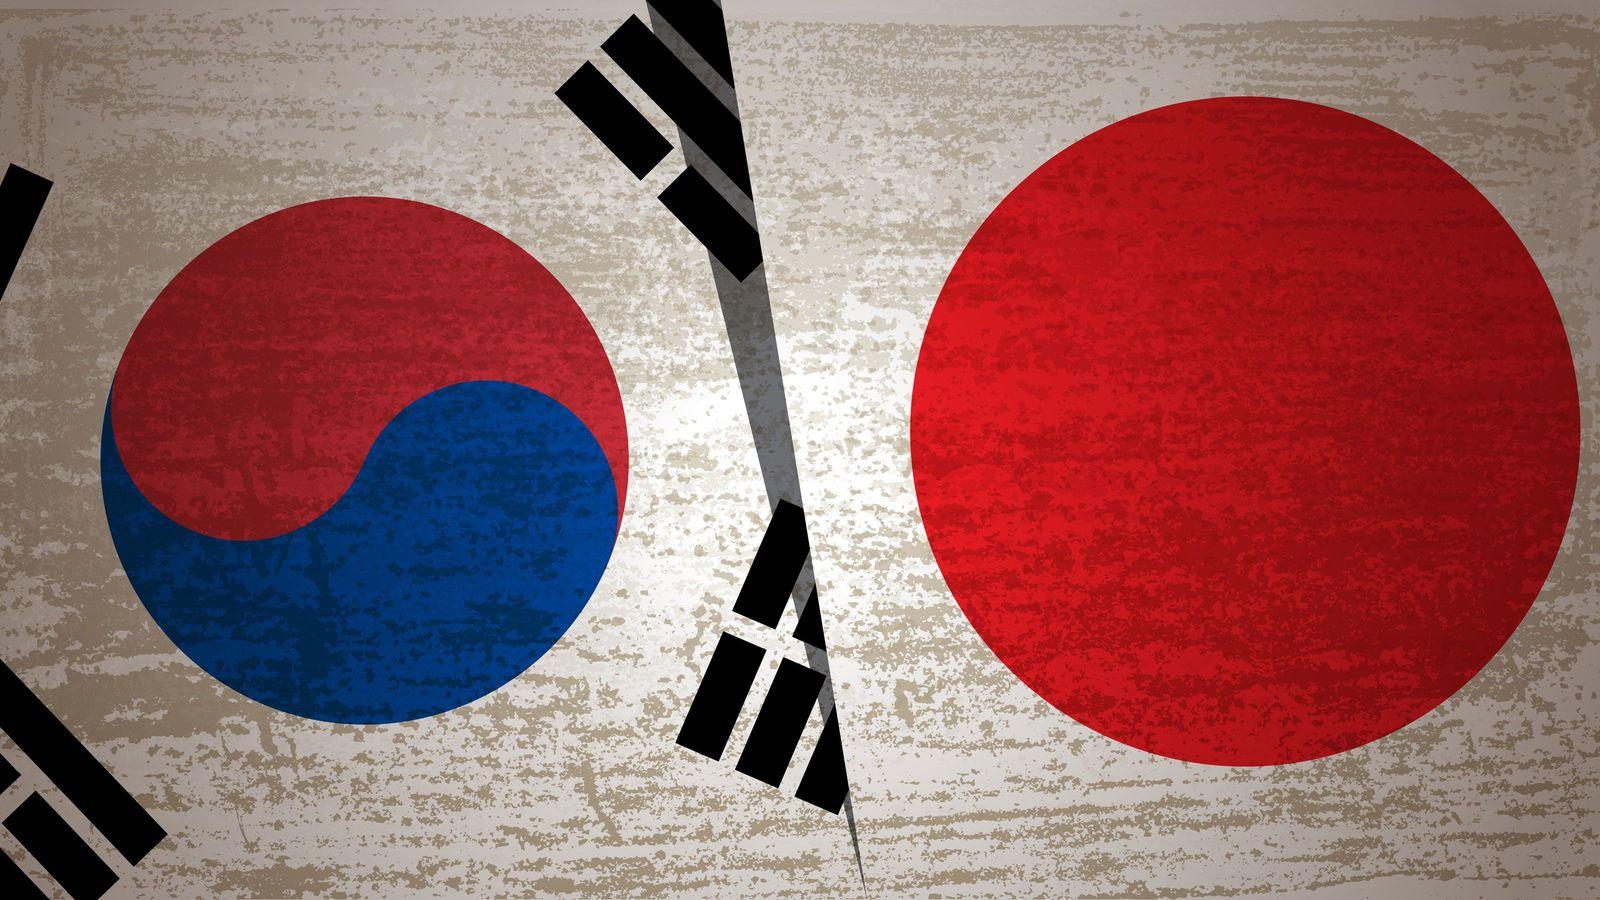 なぜ安倍首相は「韓国より低成長」を認めないか 歪んだ「スキーマ」に支配されている